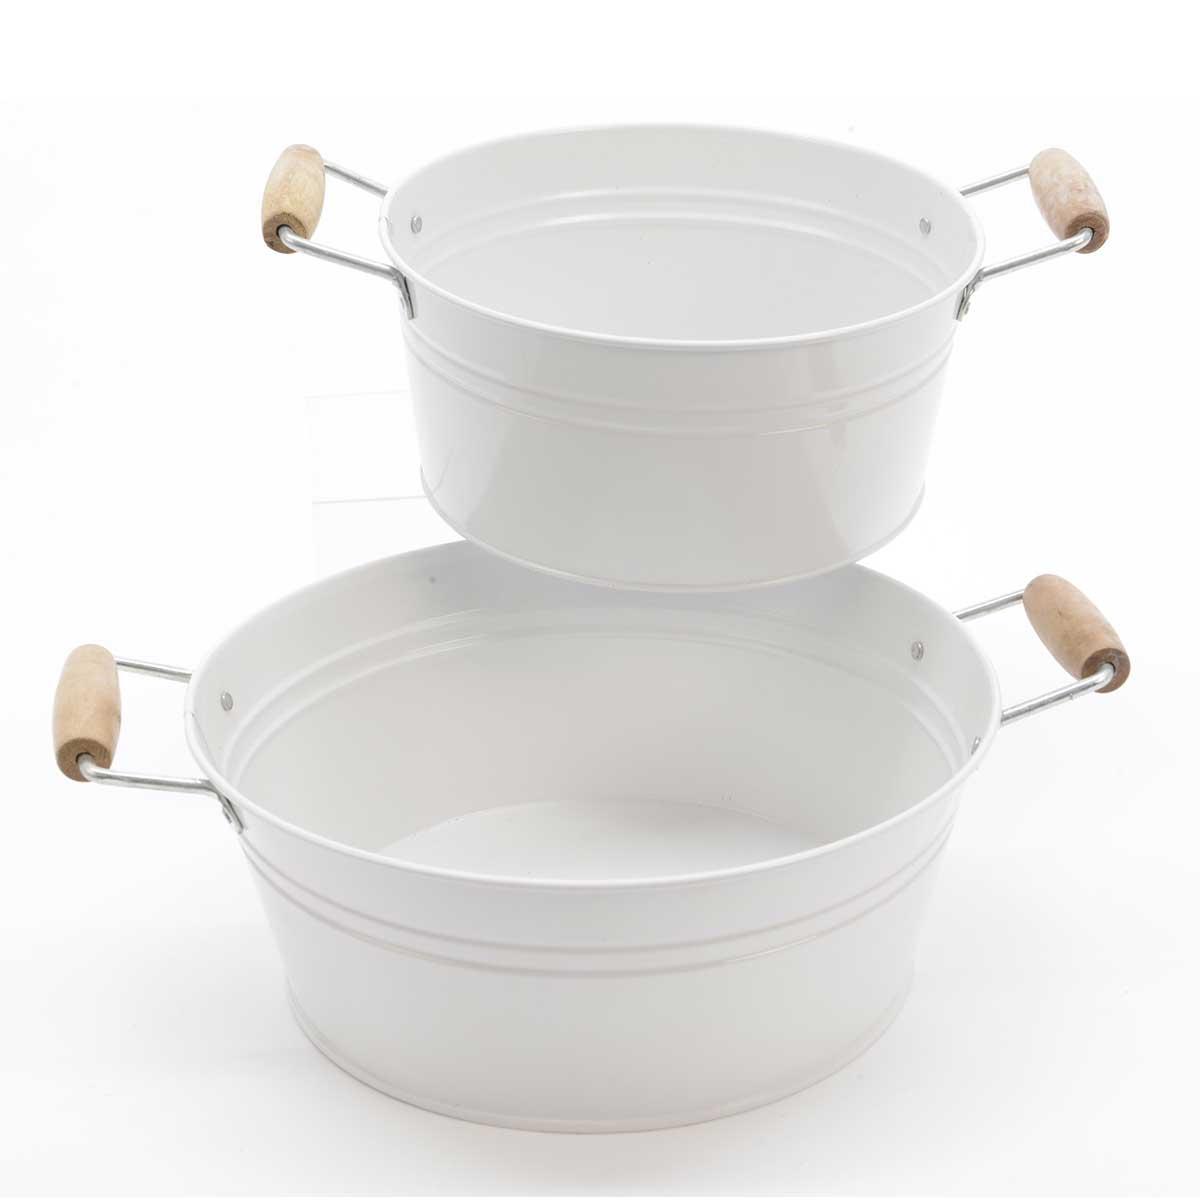 2 Caches Pots en Zinc Blanc